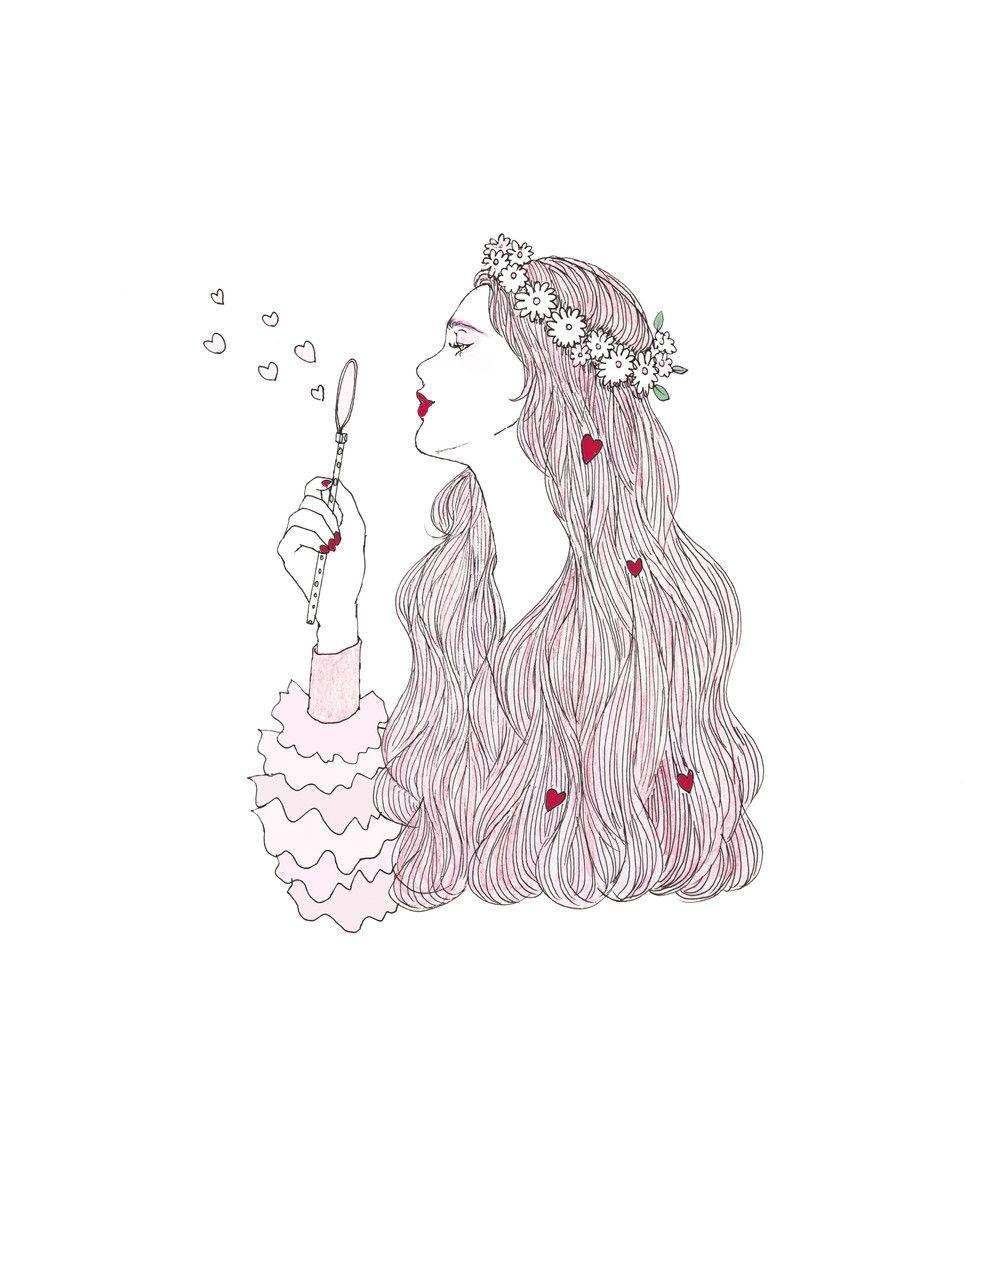 2015 works - maegamimami | おしゃれ | pinterest | イラスト、かわいい